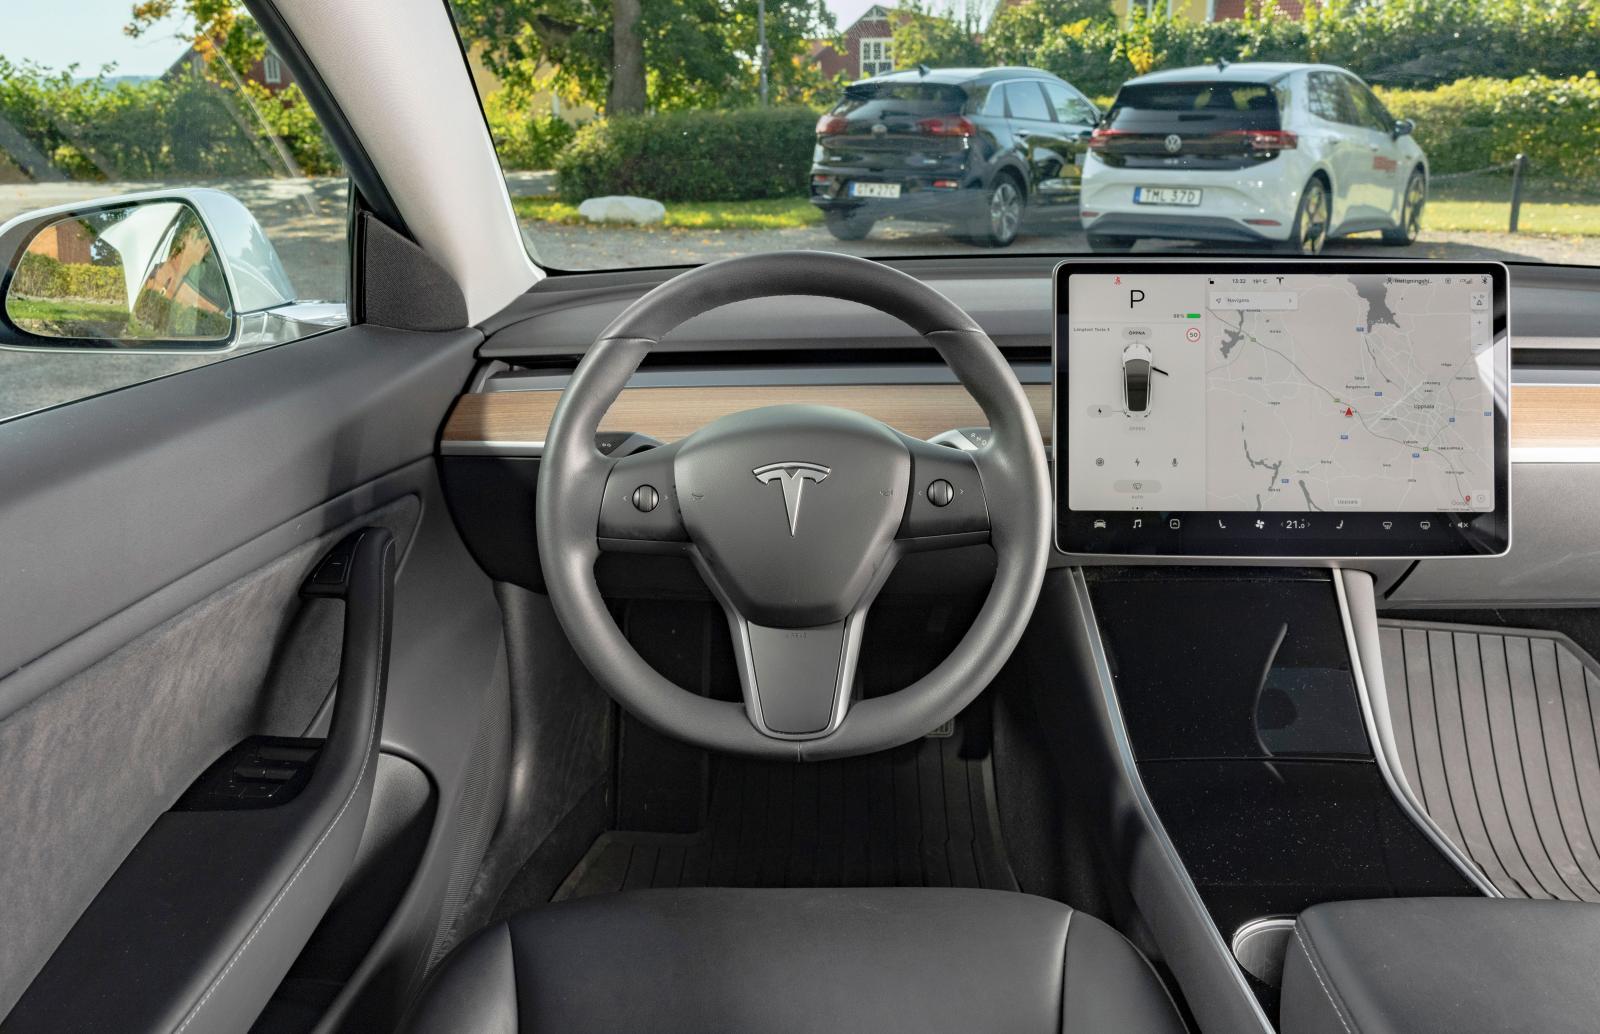 Tesla: Förutom den rikliga skärminformationen, växelväljarspaken och rattrullarna är förarmiljön närmast innehållslös. Det ger en avspänd känsla.